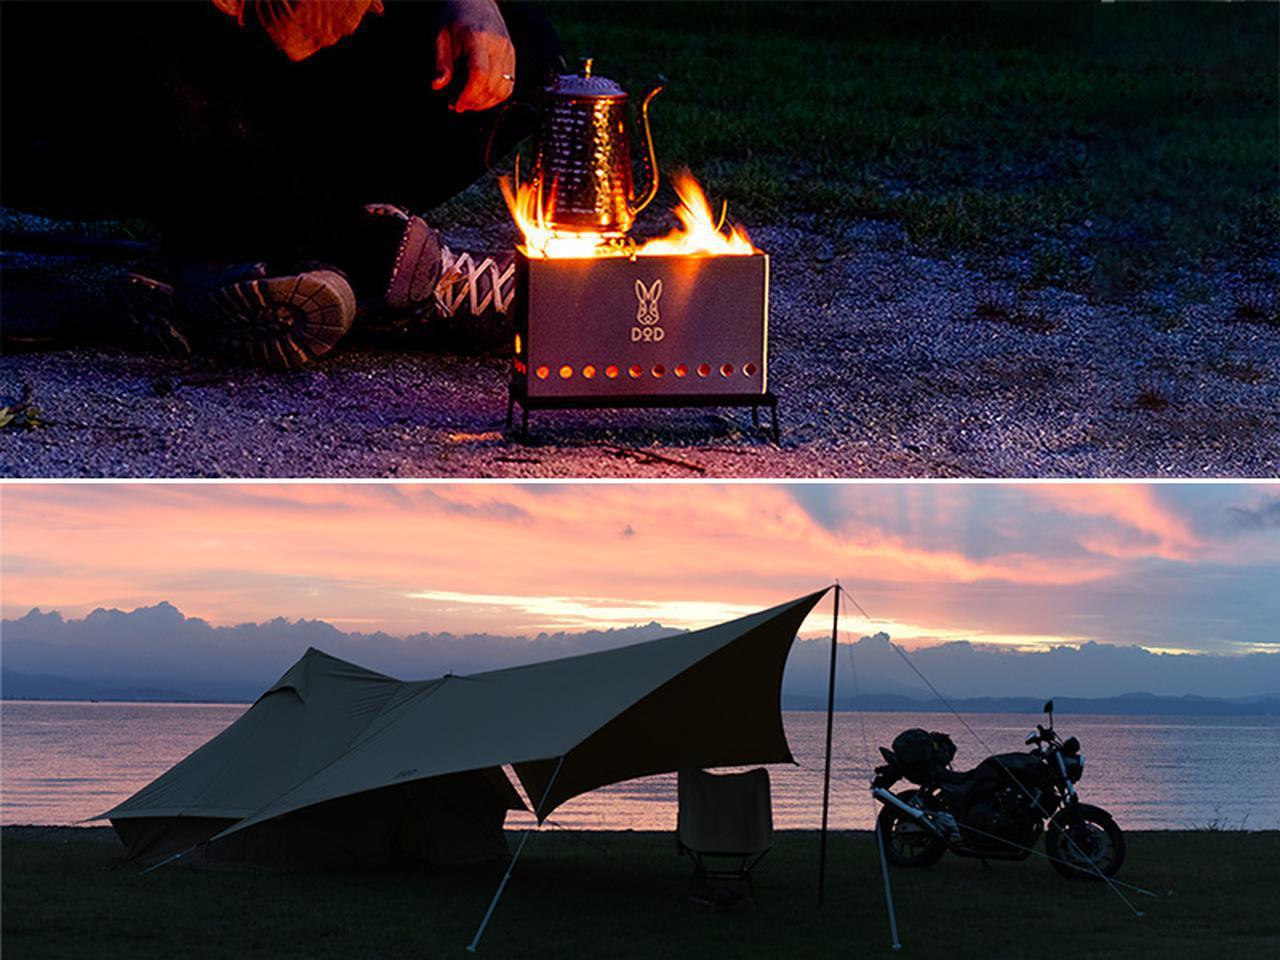 画像1: オールシーズン、身軽なソロキャンプをサポート。